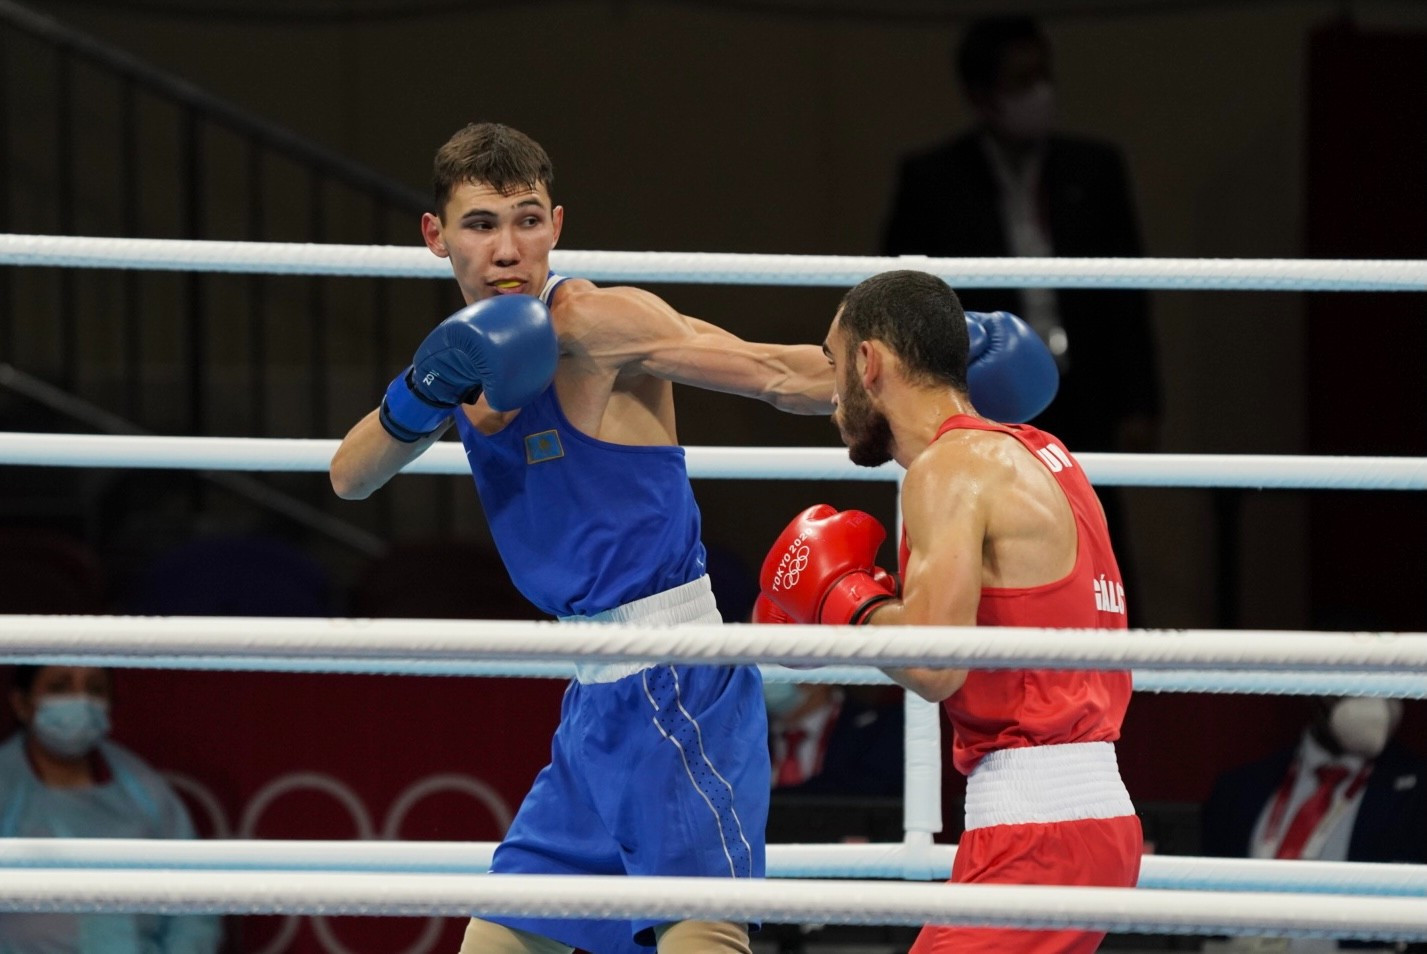 Казахстанский боксер оформил два нокдауна и победил на старте Олимпиады-2020